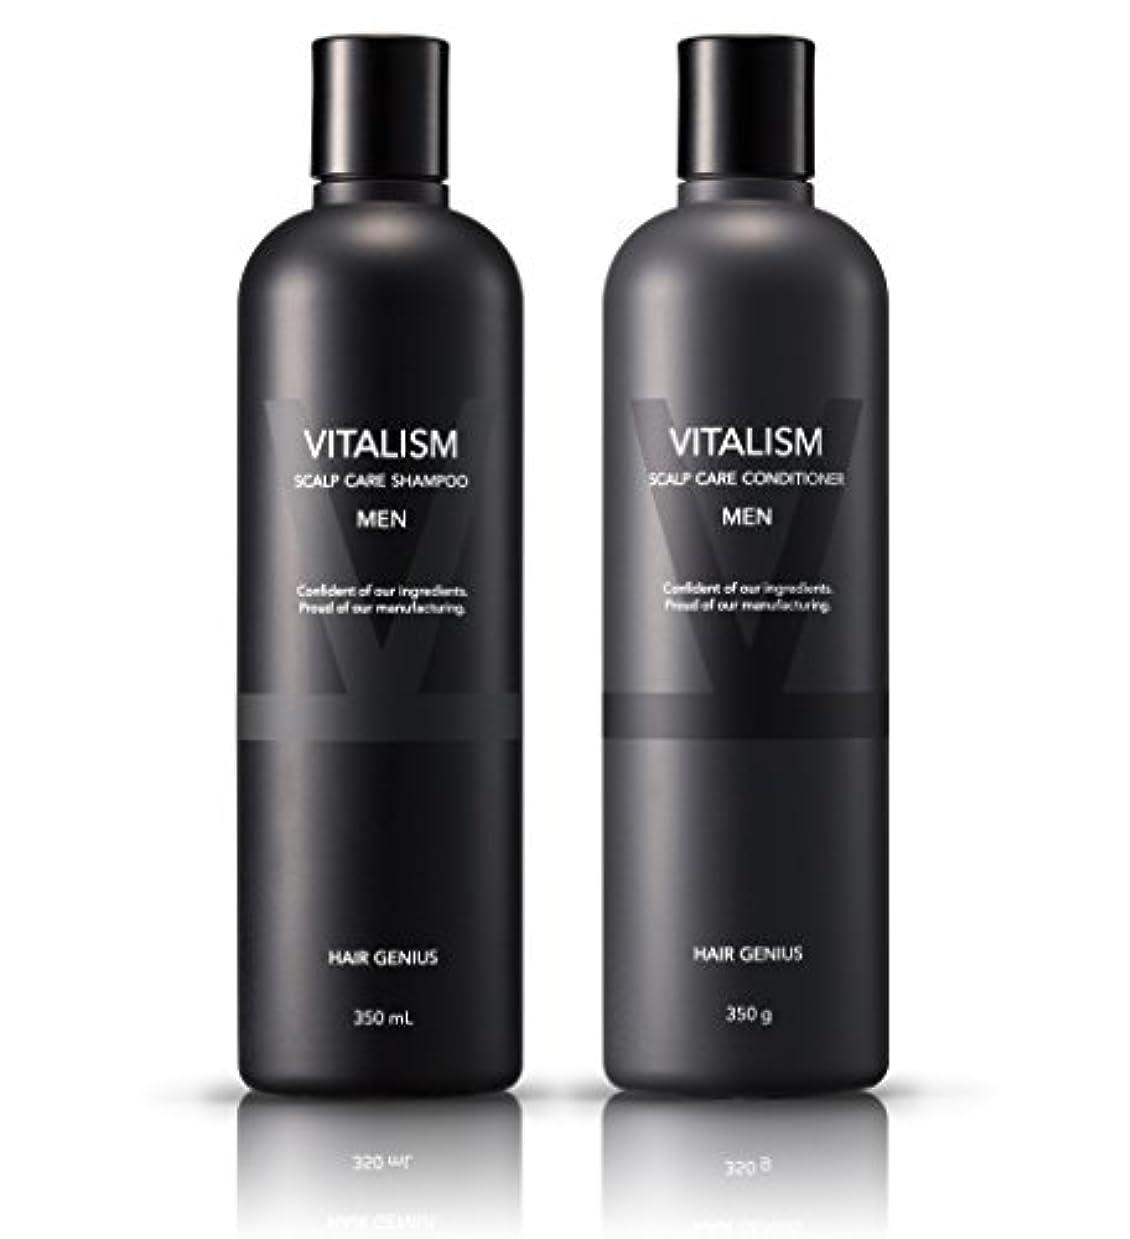 統合する成功したセイはさておきバイタリズム(VITALISM) スカルプケア メンズ 2点セット (シャンプー & コンディショナー) ノンシリコン 男性用